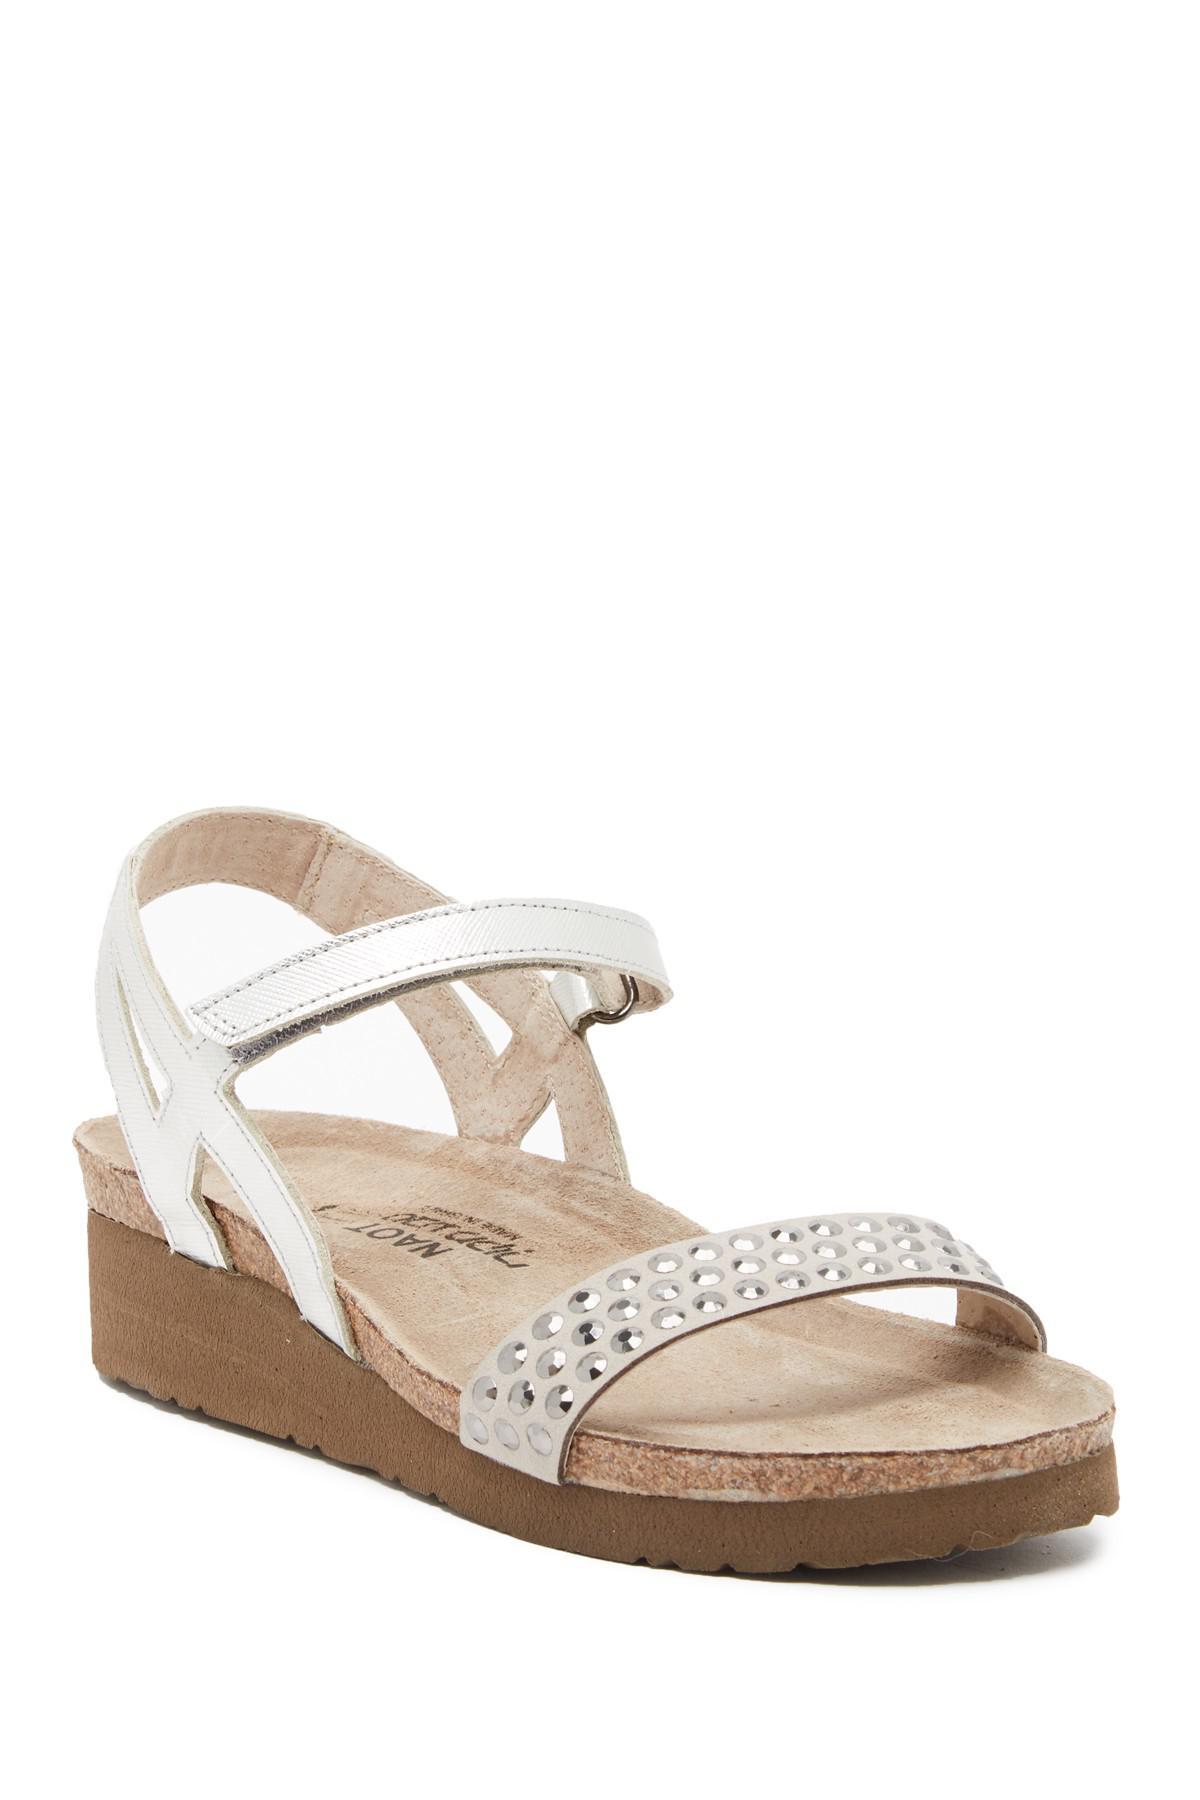 NAOT Lexi Studded Wedge Sandal nXYXebYxts